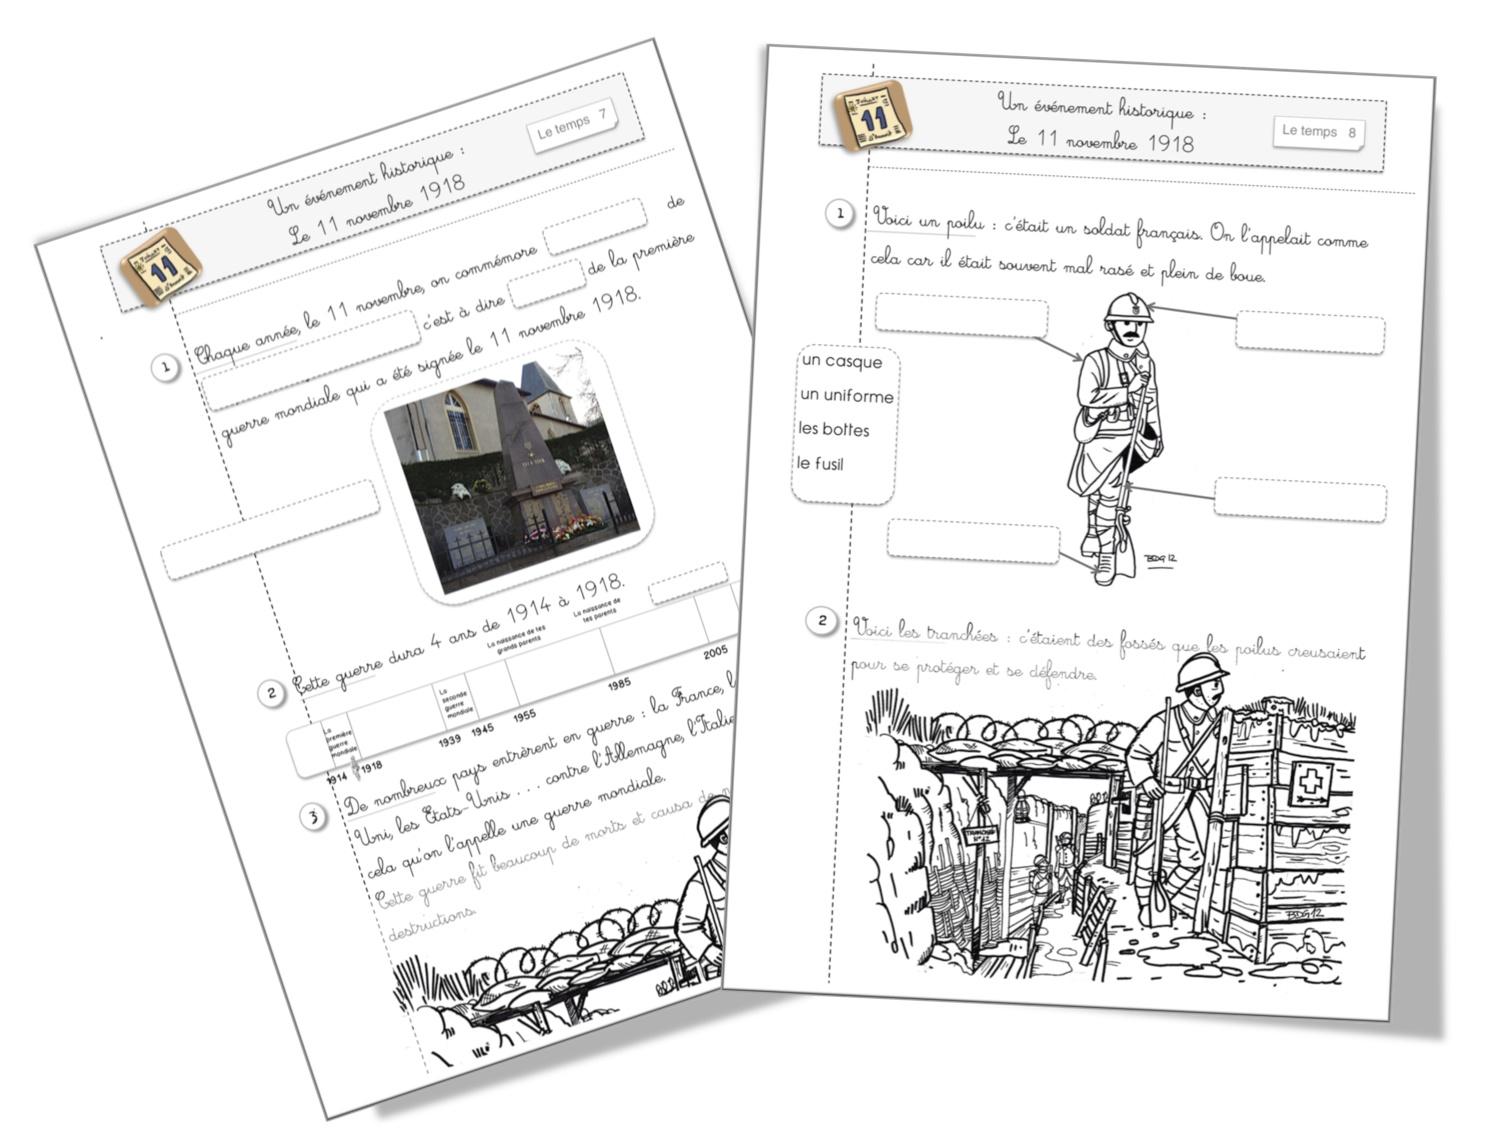 d couverte du monde le 11 novembre 1918 bout de gomme. Black Bedroom Furniture Sets. Home Design Ideas